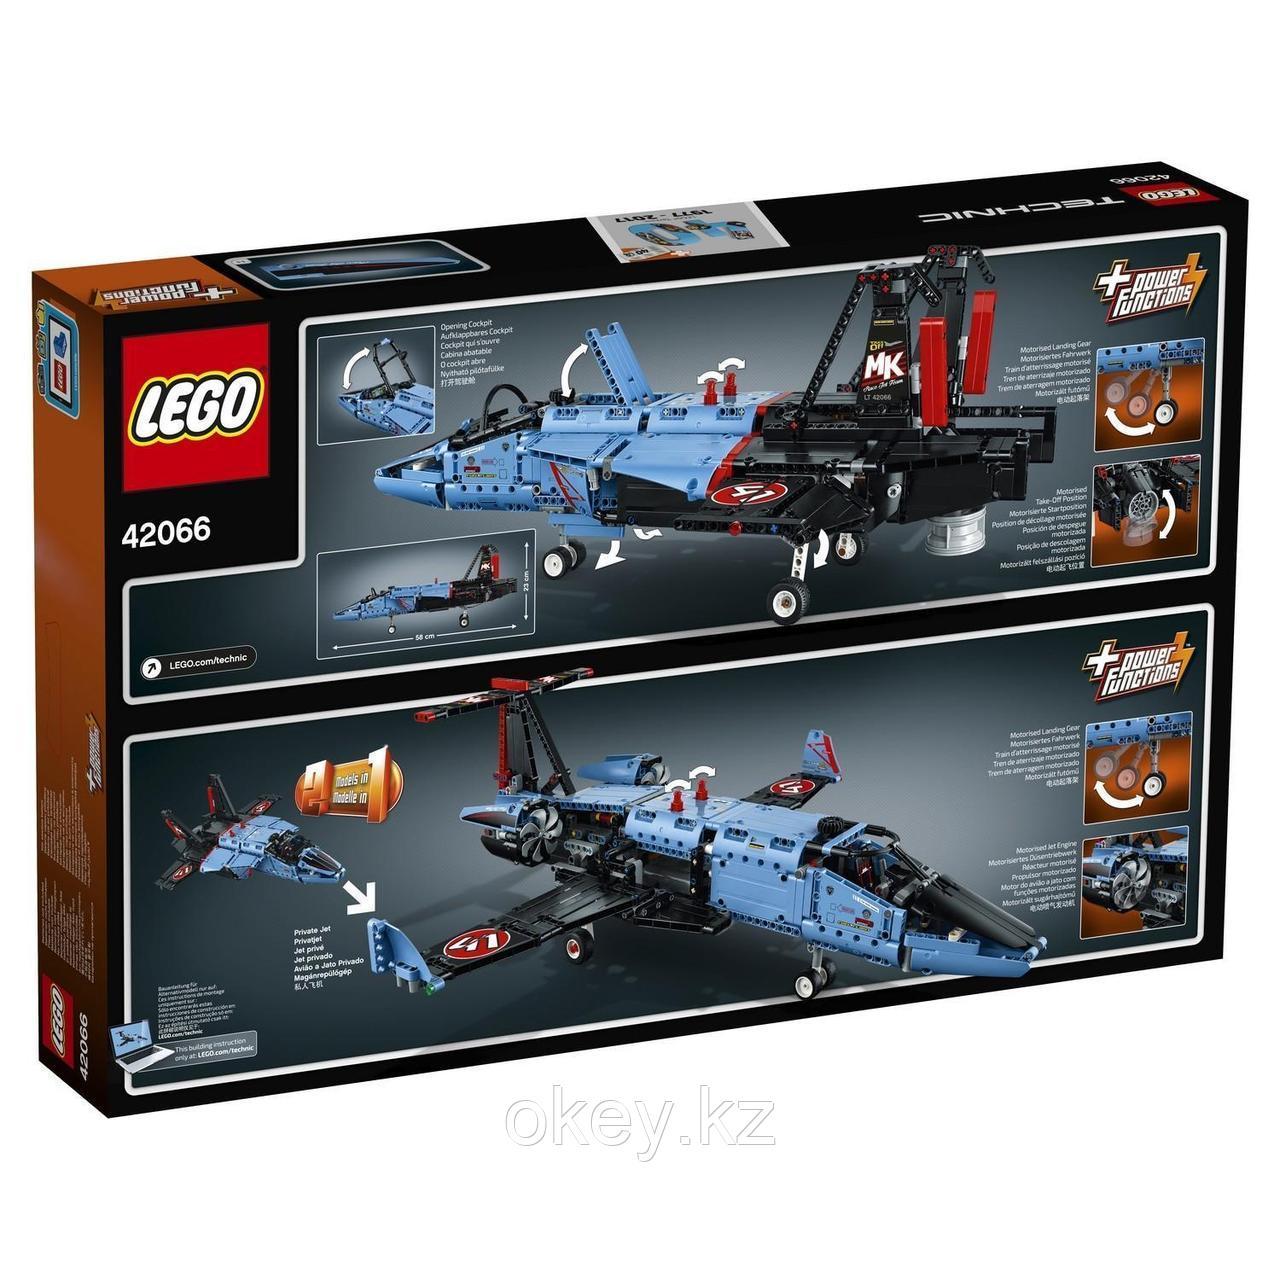 LEGO Technic: Сверхзвуковой истребитель 42066 - фото 2